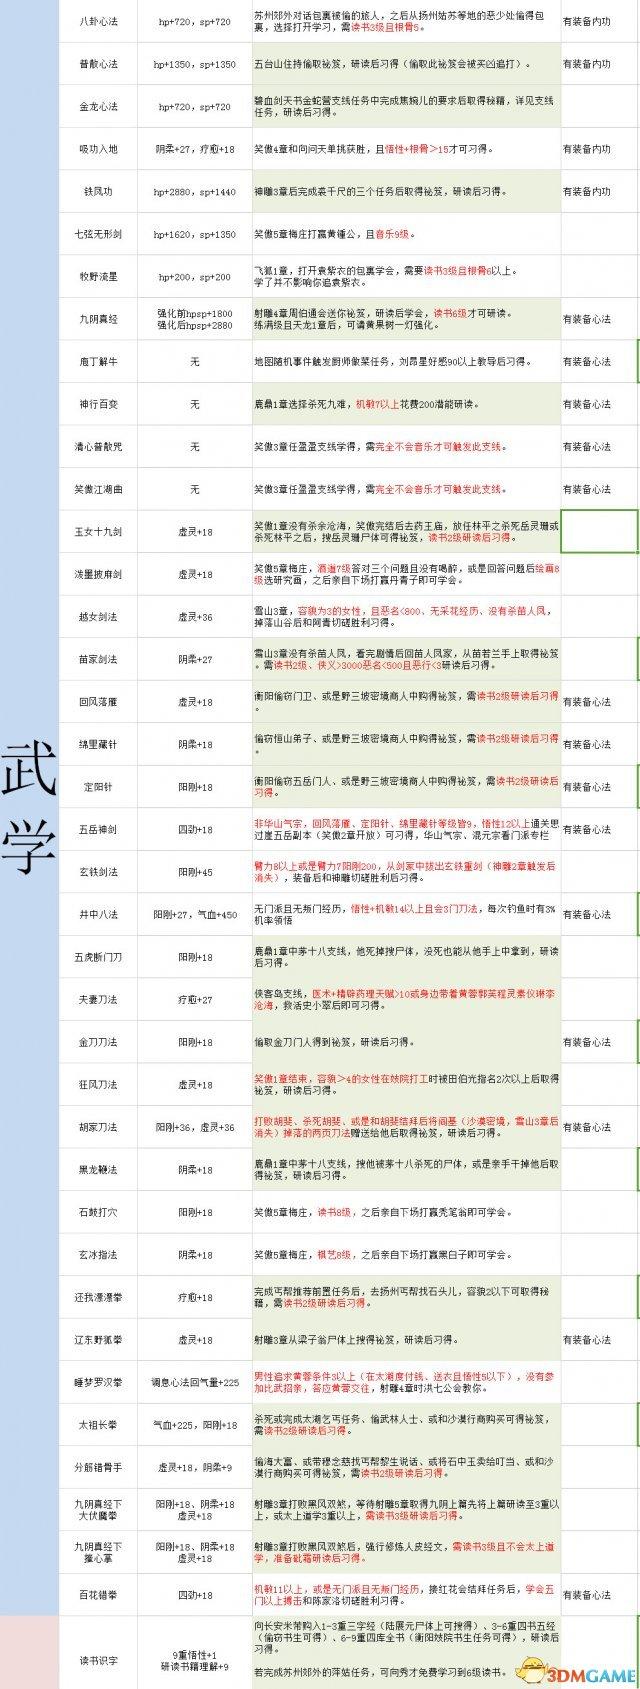 金庸群侠传5全公共武学攻略 全武学属性及出处介绍